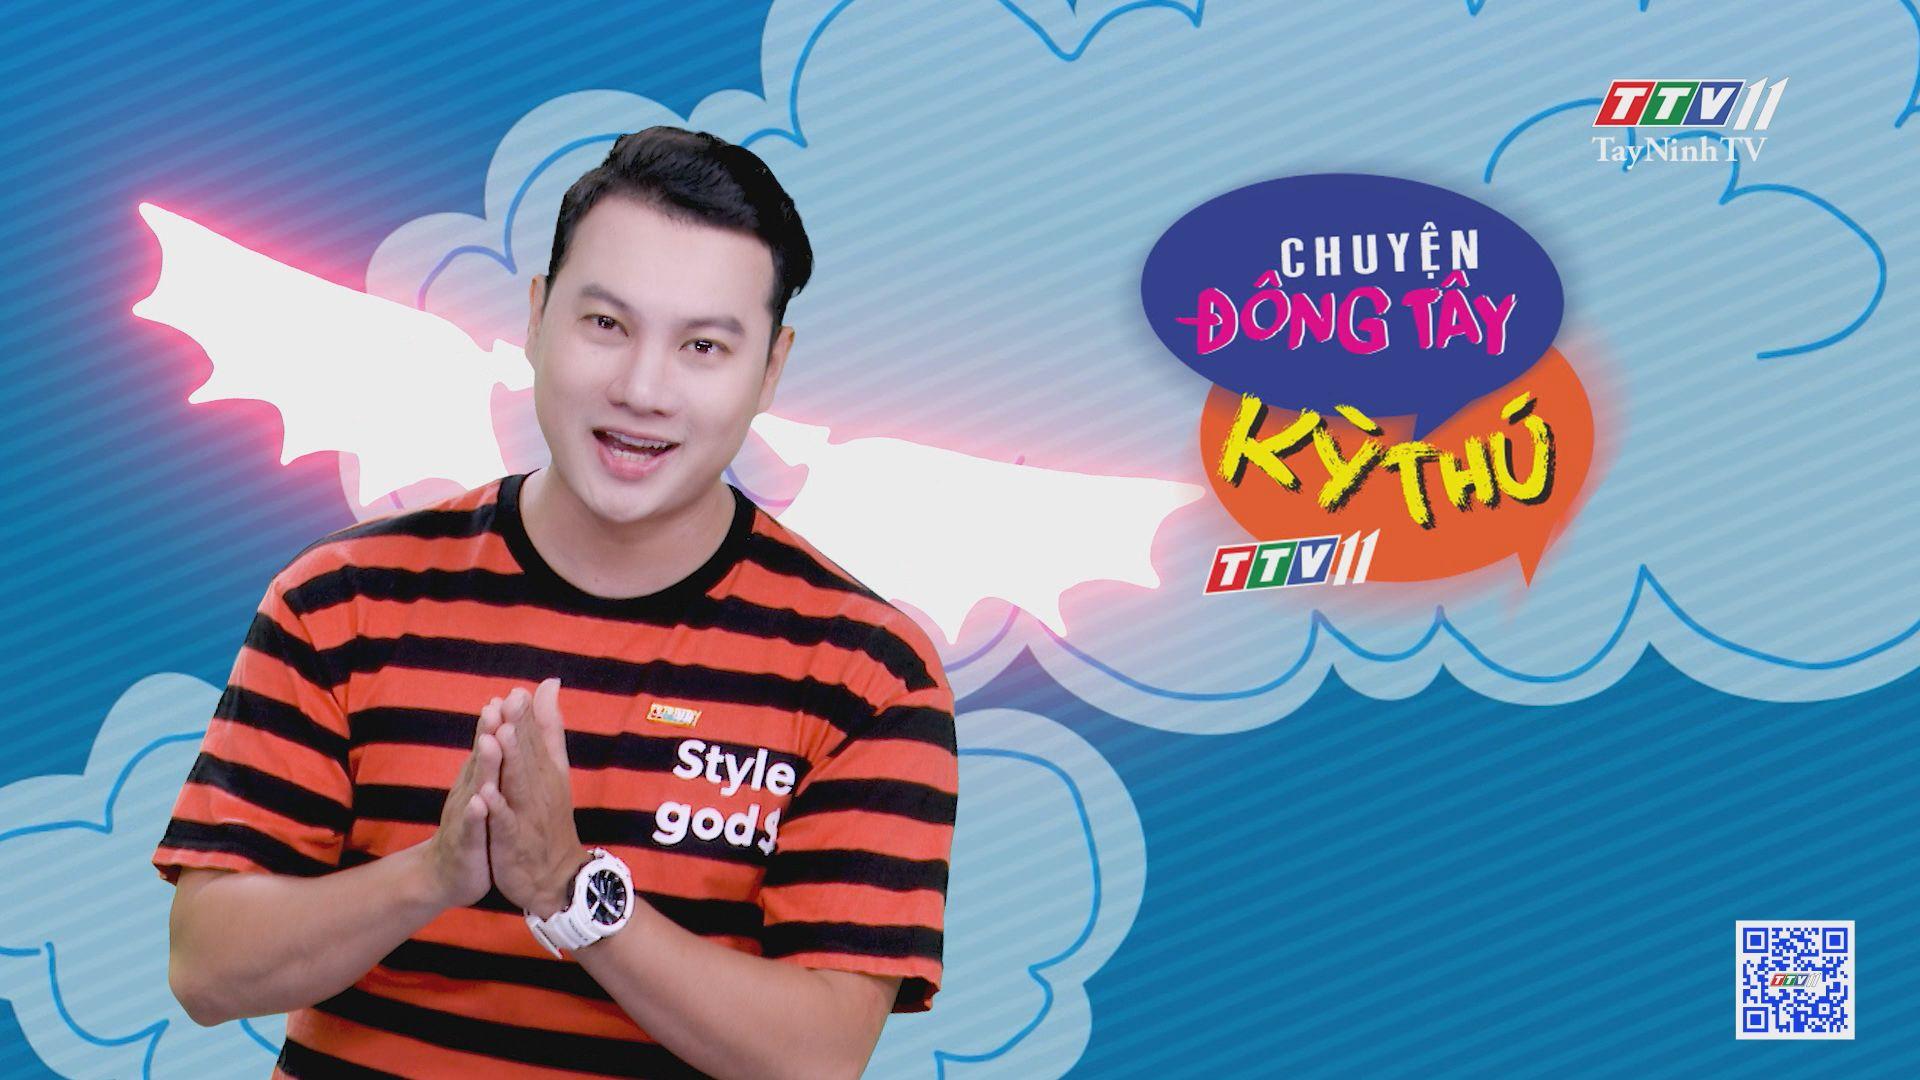 Kinh ngạc người có thể đưa lưỡi chạm vào trán | CHUYỆN ĐÔNG TÂY KỲ THÚ | TayNinhTV